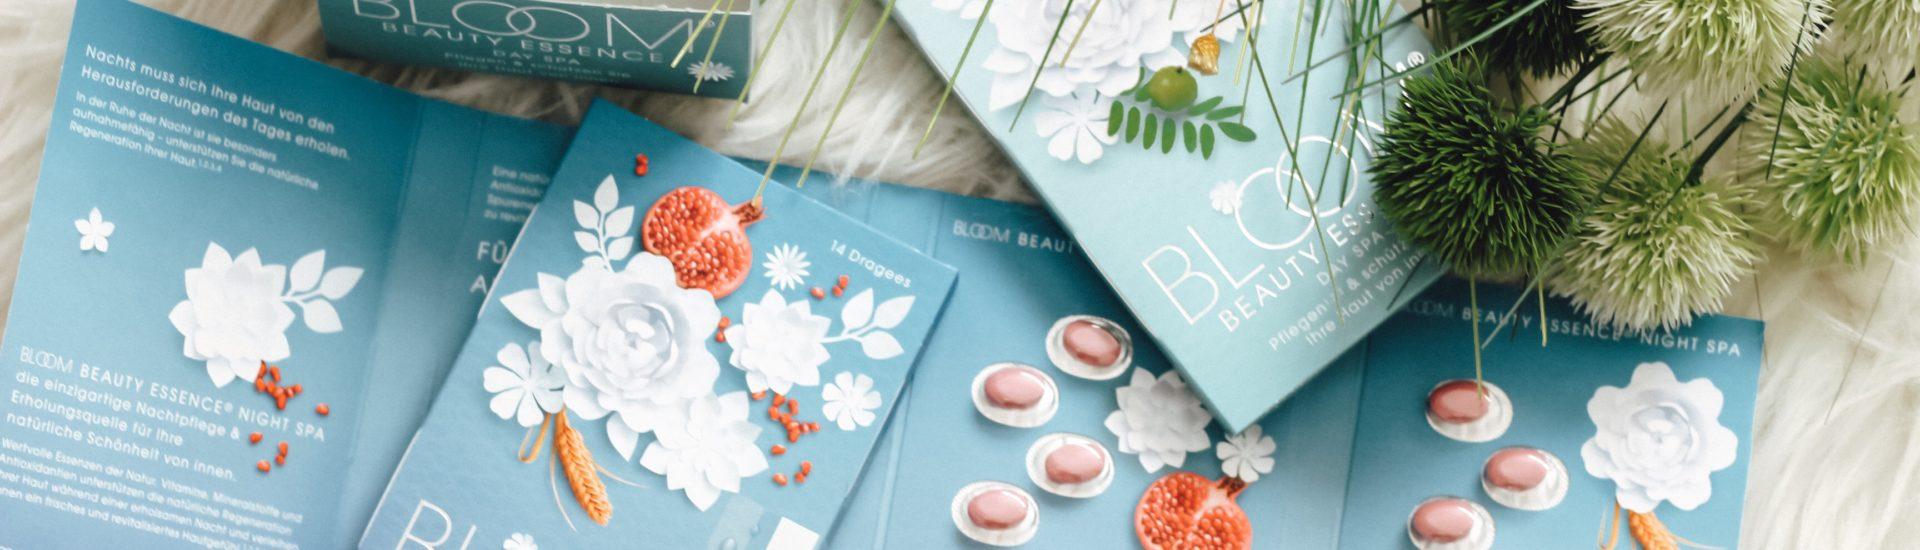 Bloom Beauty Essence